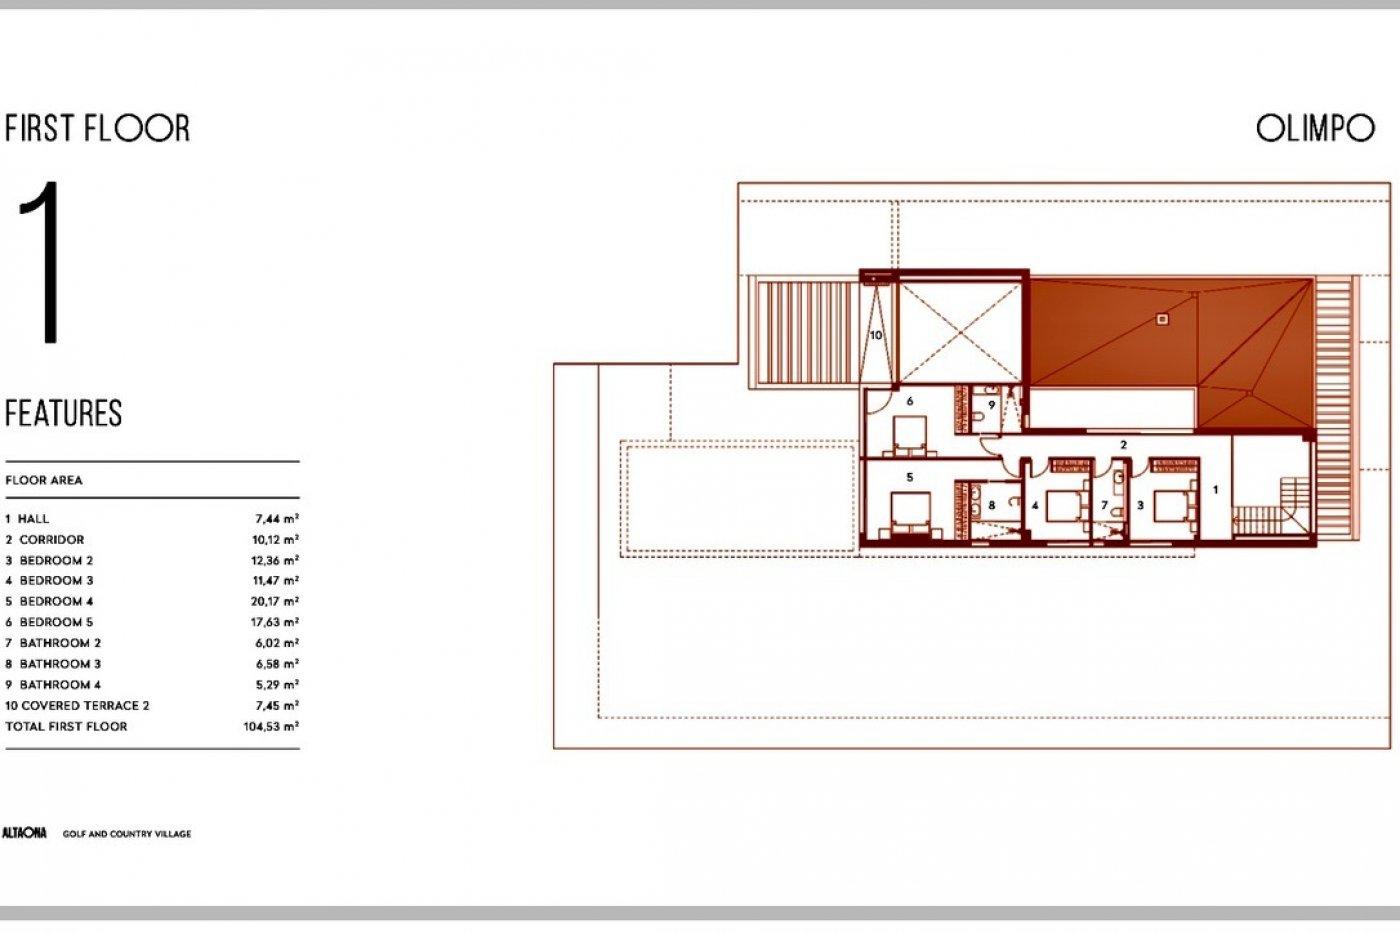 floor-plan-olimpo-2